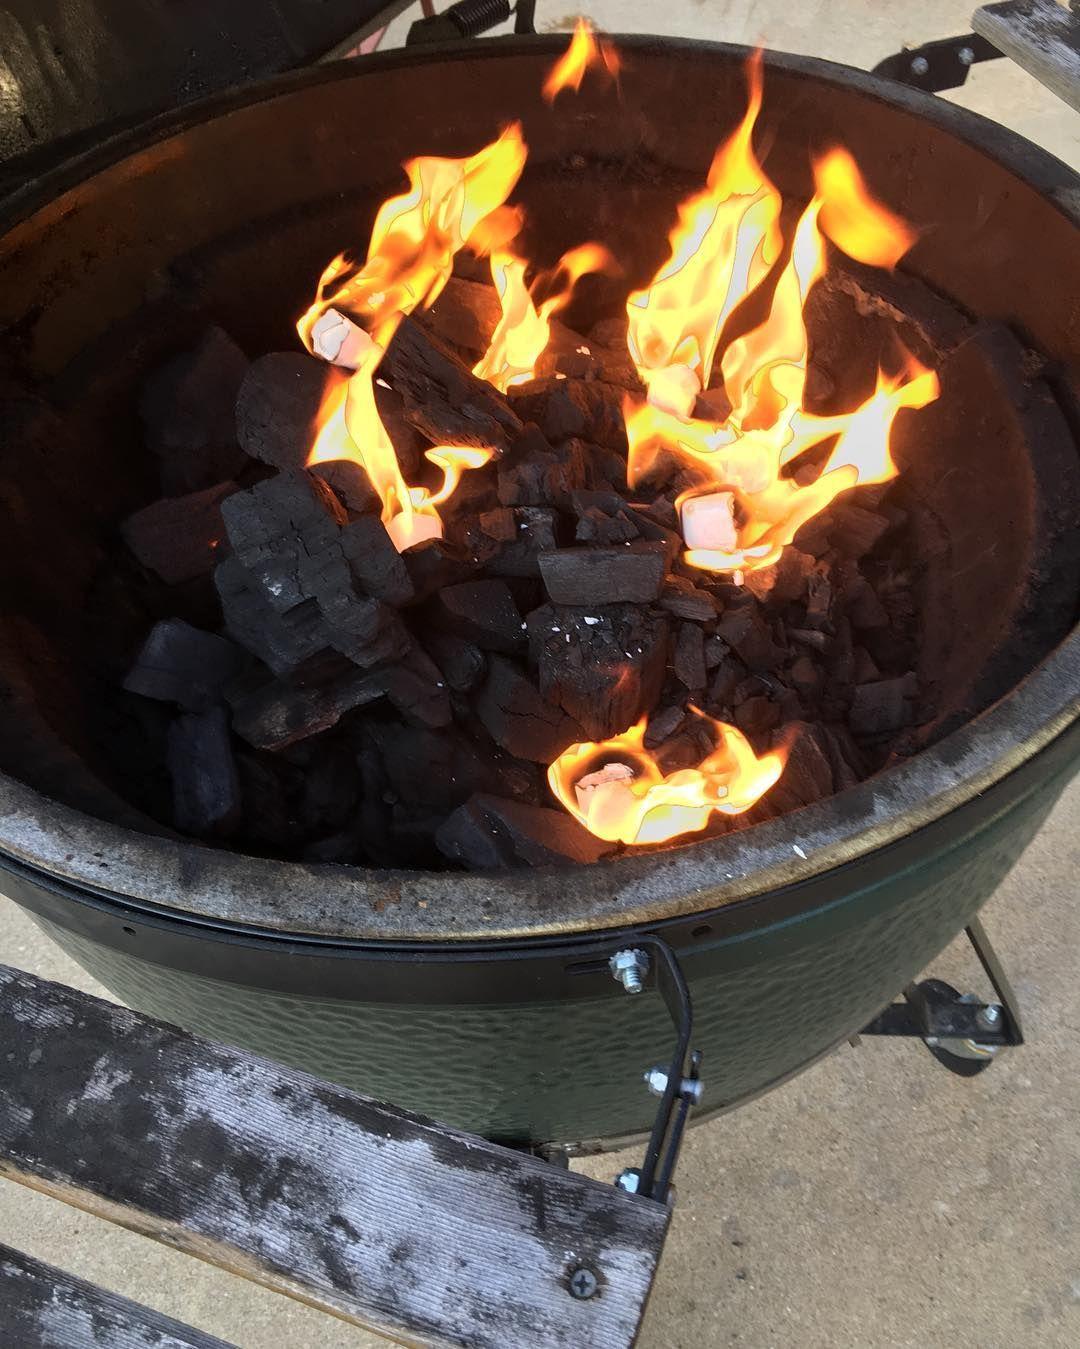 #bge #smokedbrisket #brisket #bgenation #spiceandtea #grillgang #grilling #girlgrilling #grillgirls #fogocharcoal by born2cookinspired